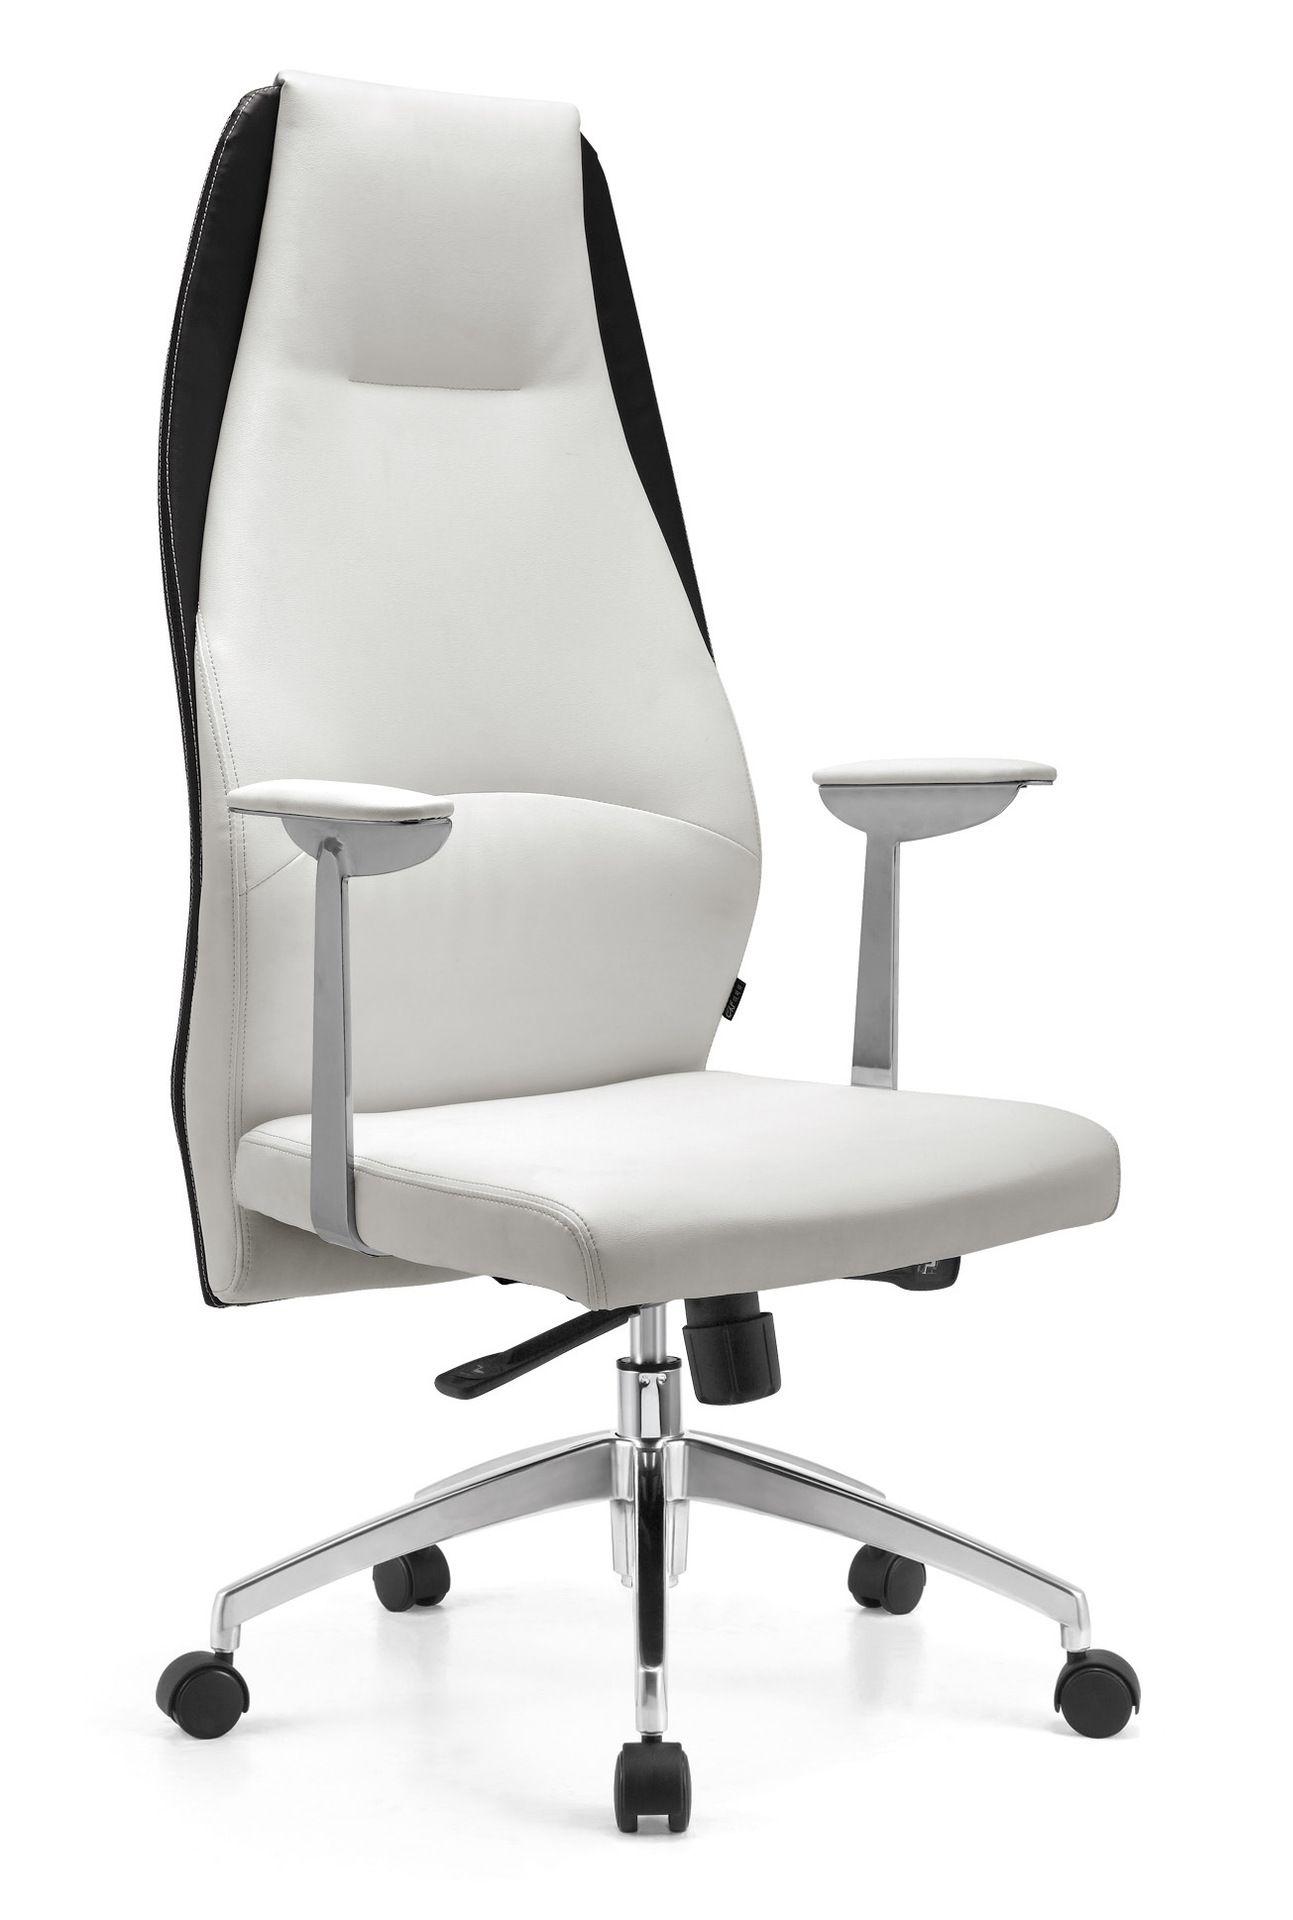 Klein Drehstühle Stuhl Weiß Drehsessel Wohnzimmer Für LA54Rj3